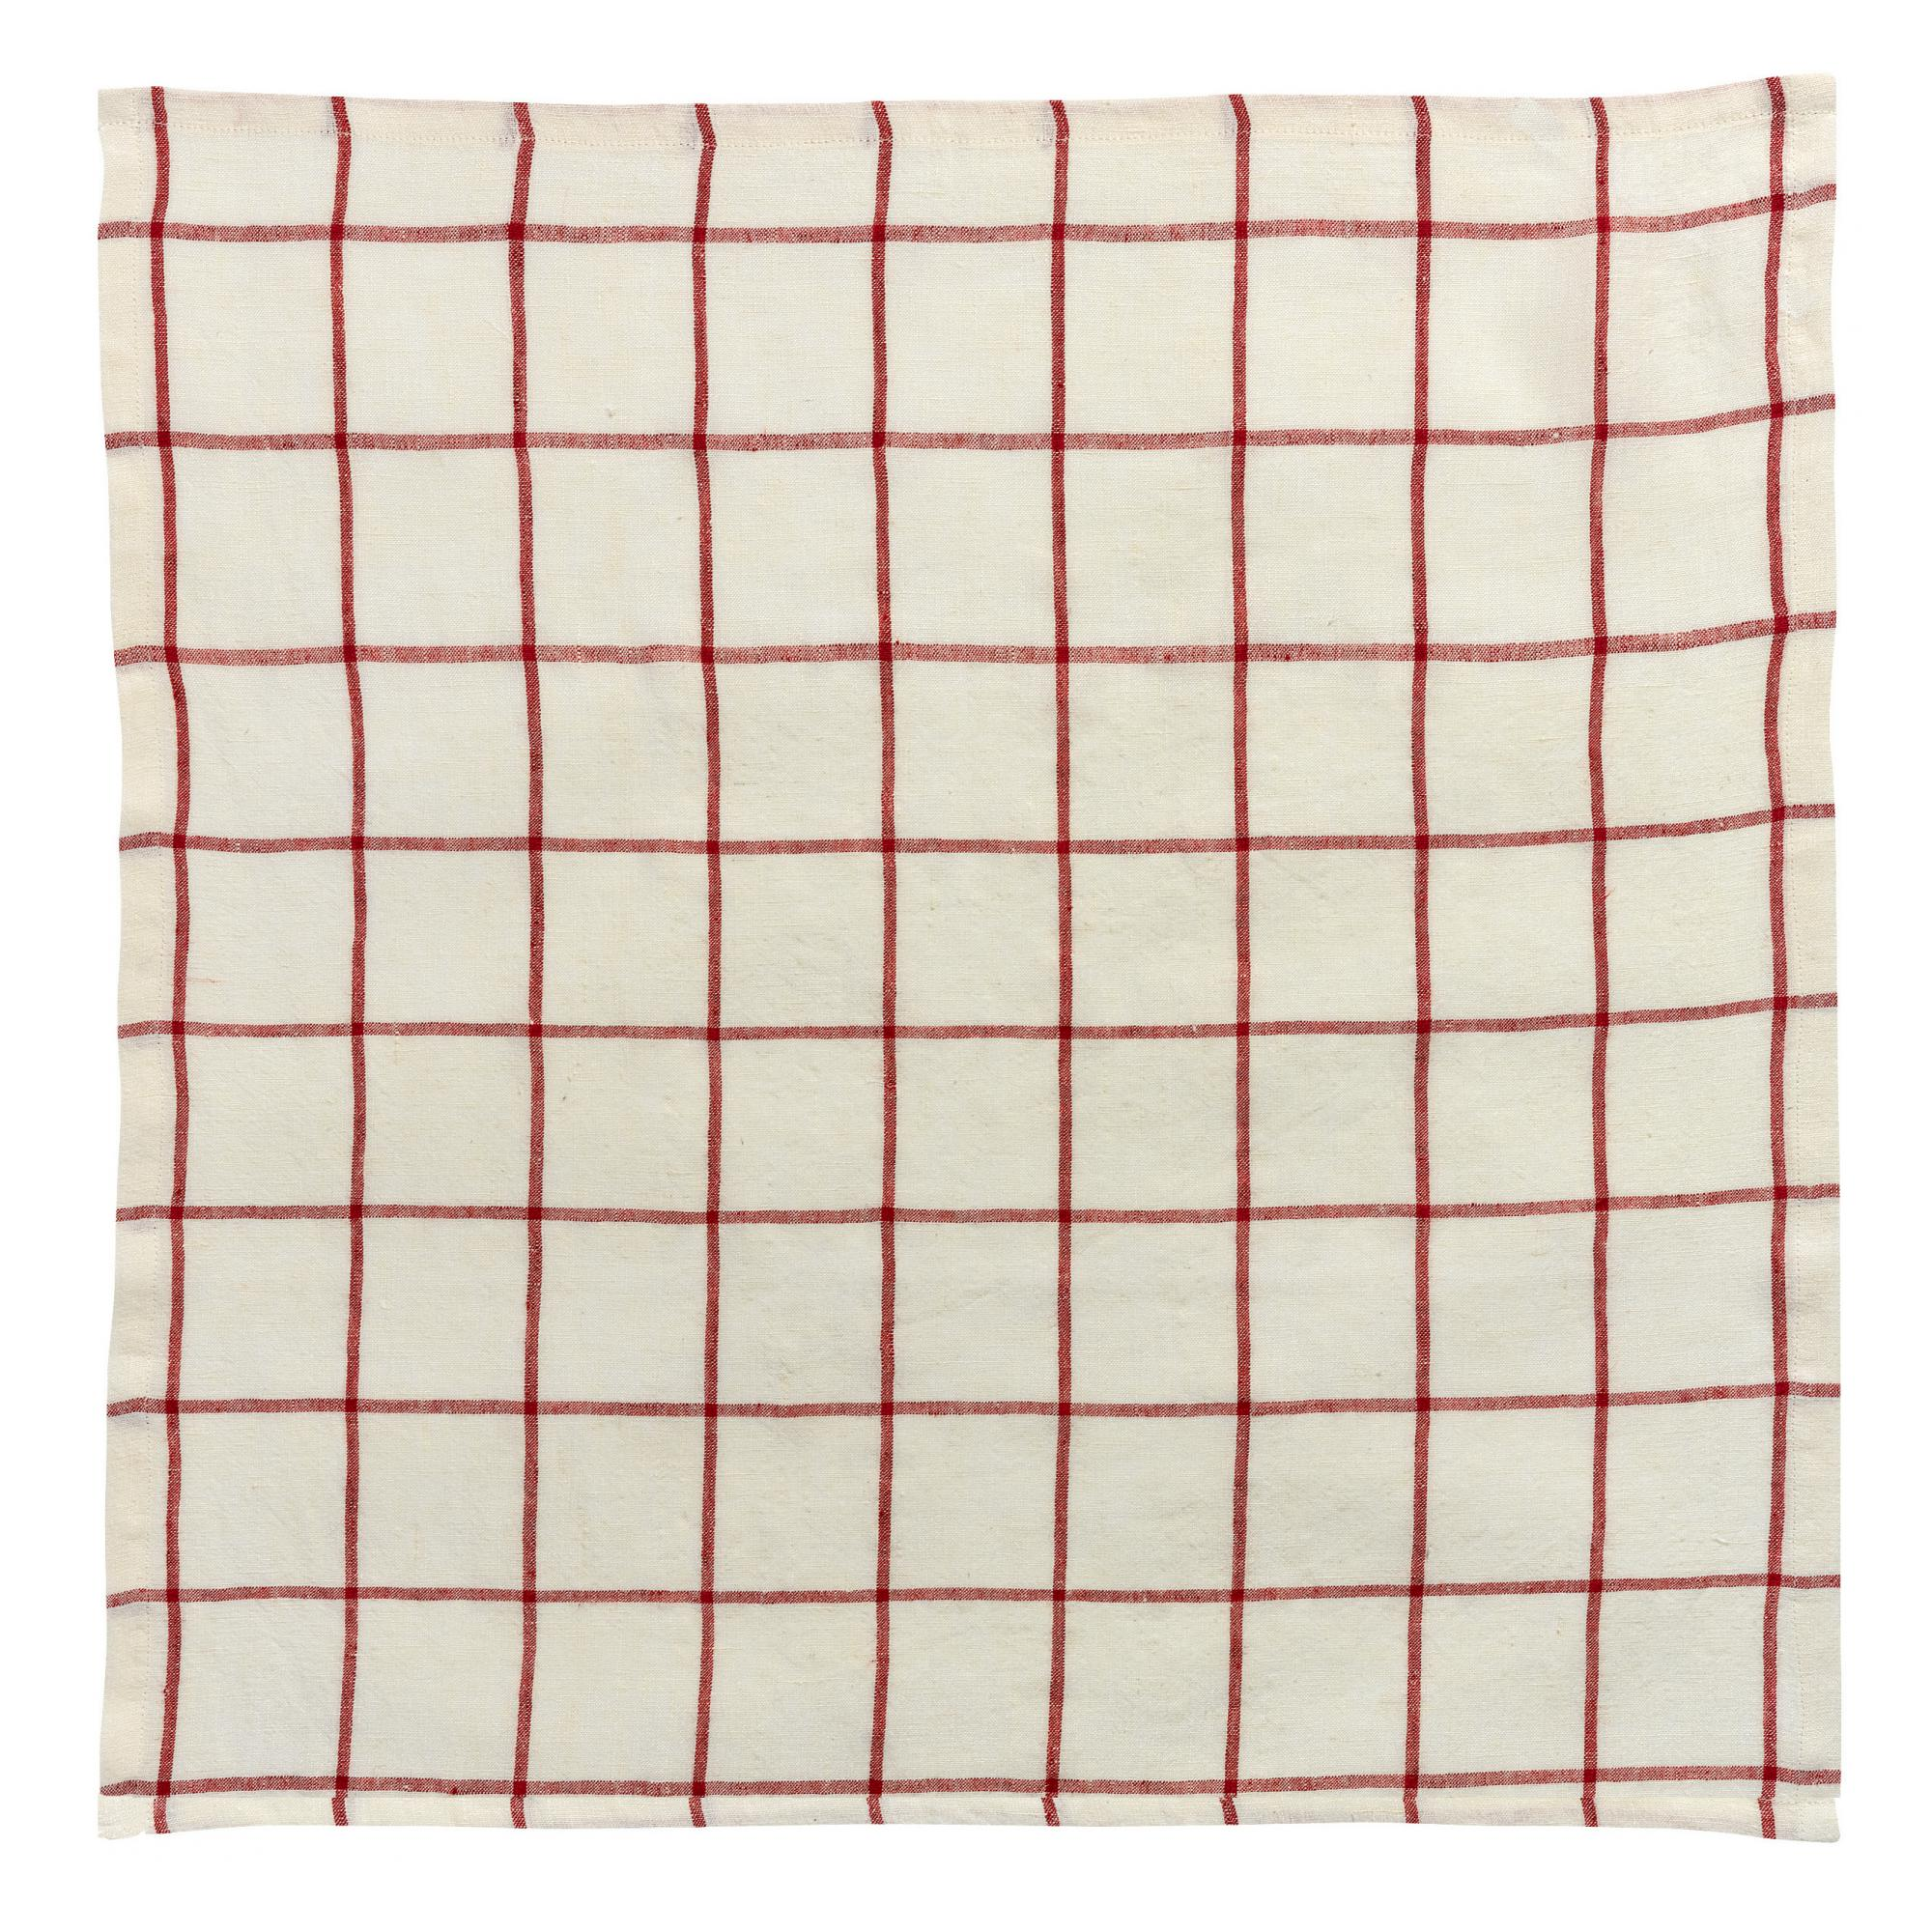 Serviette de table carreaux en lin naturel/rouge 50 x 50